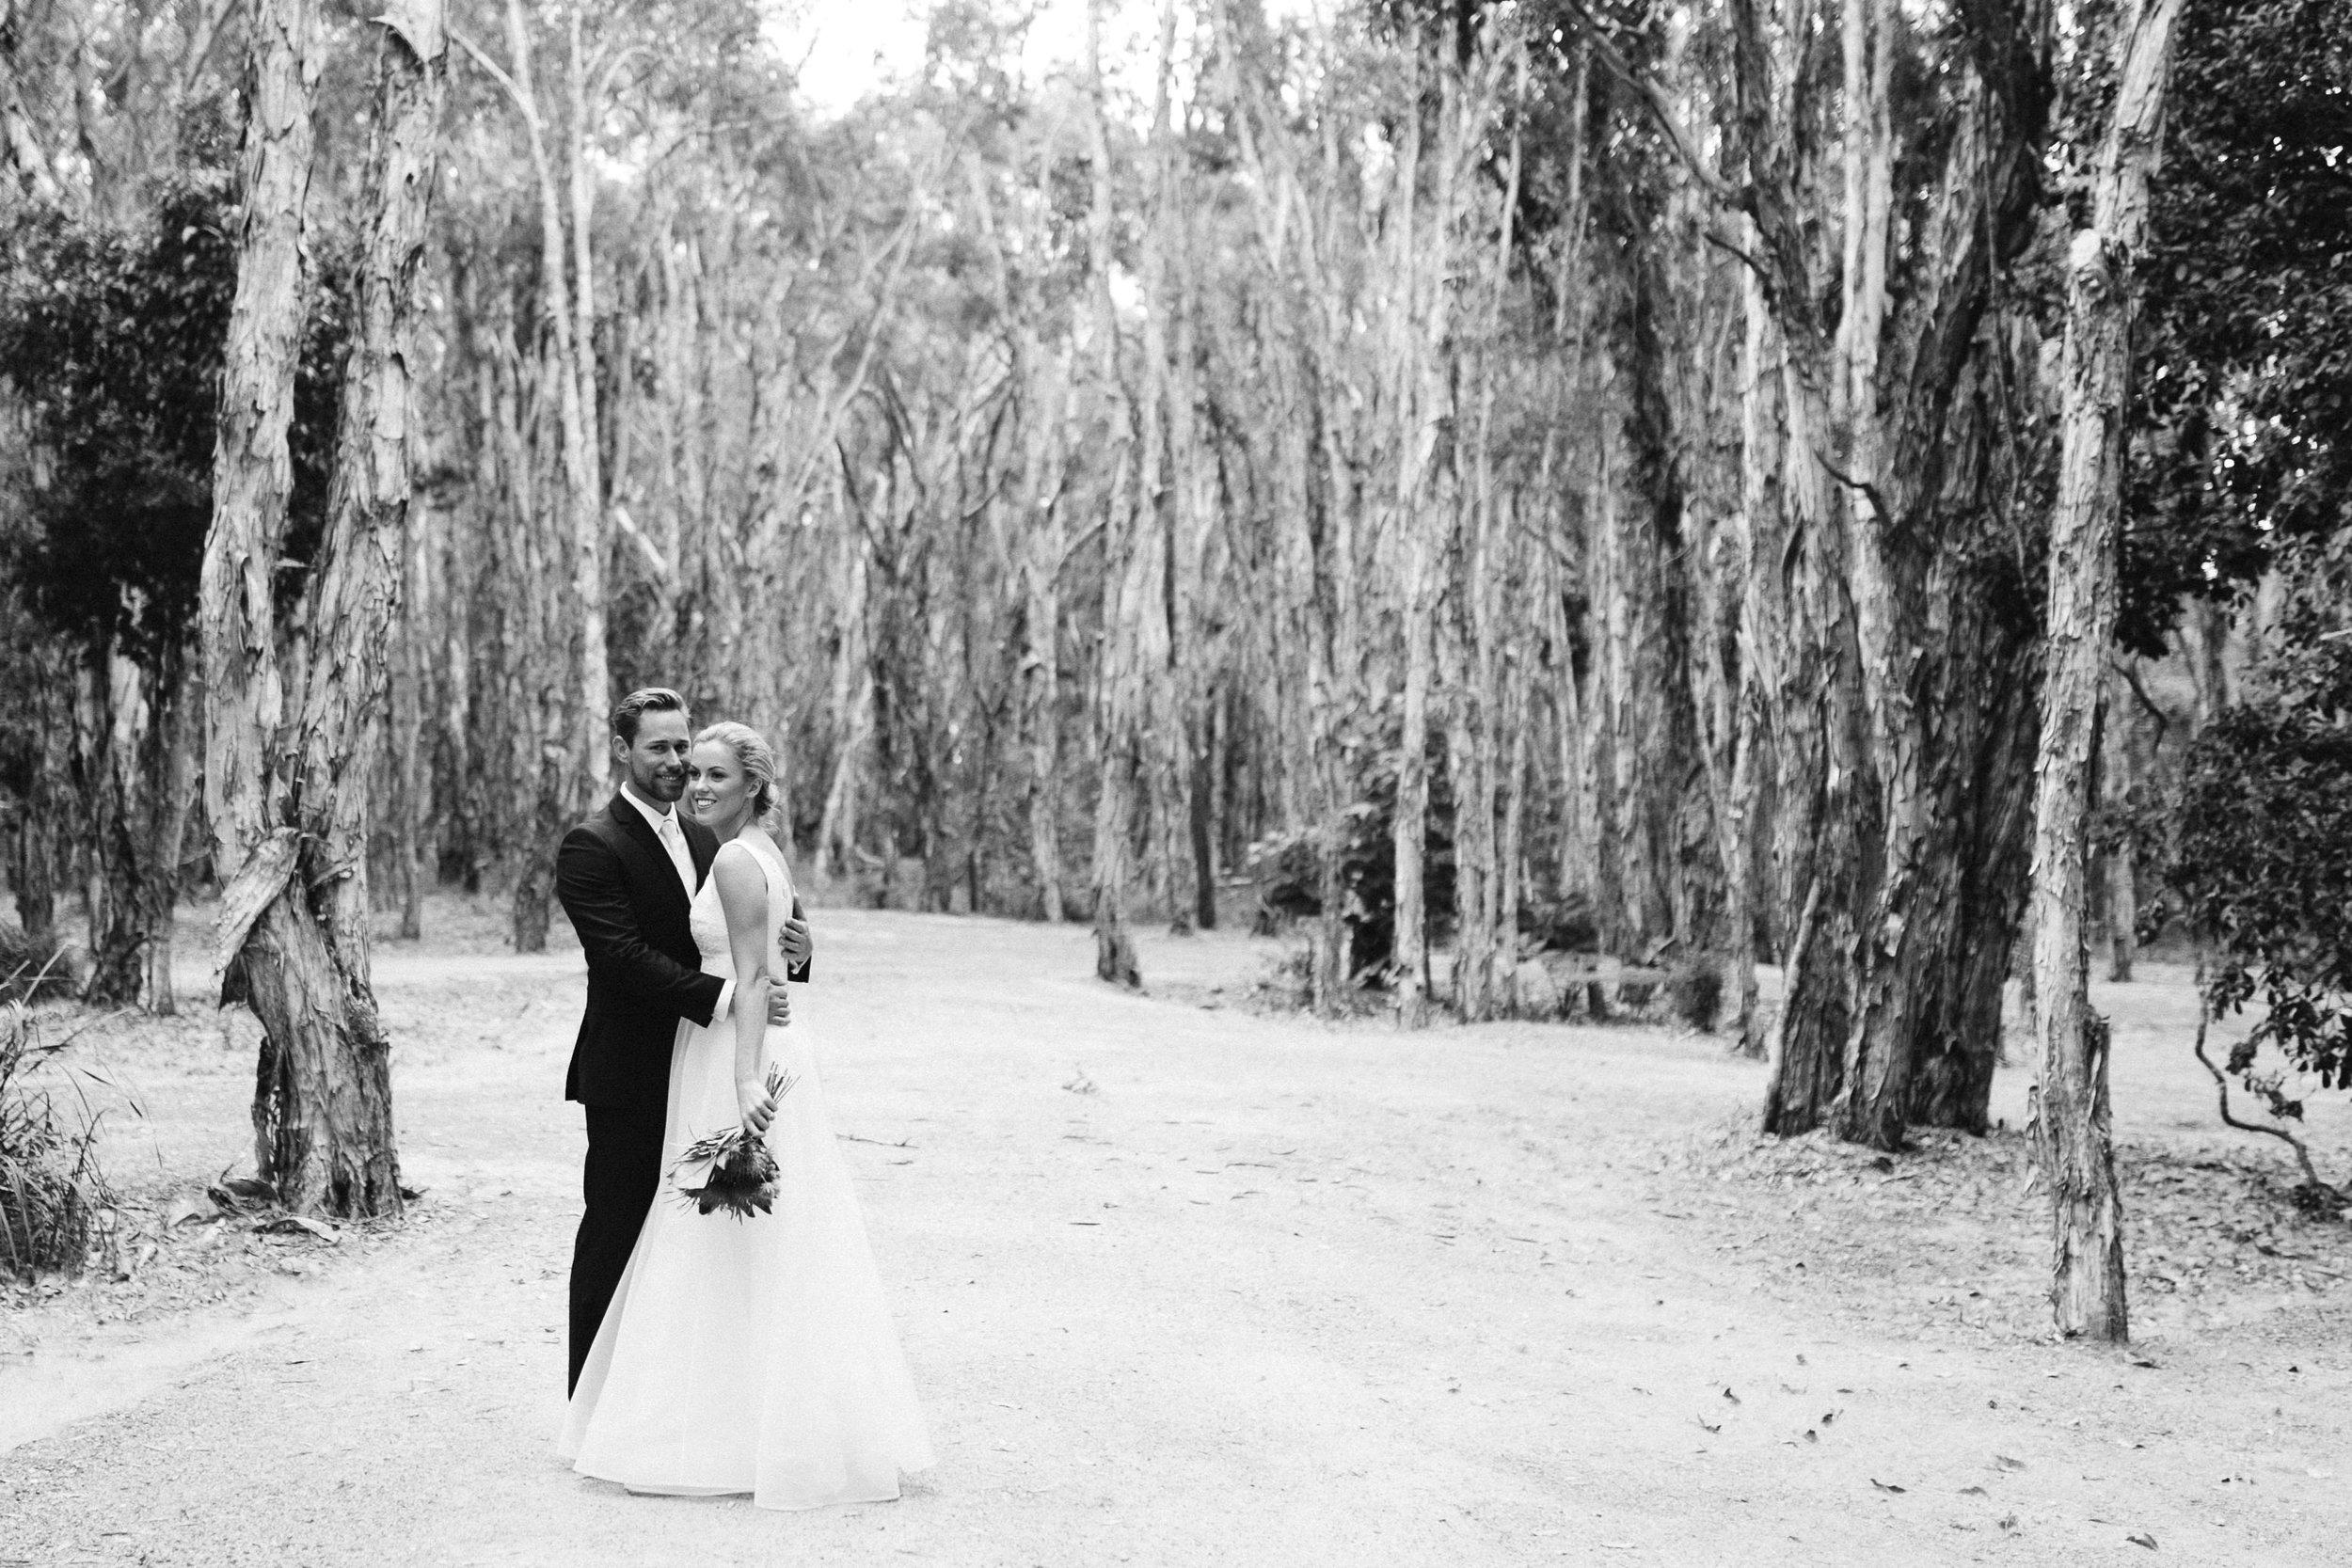 wedding-photography-brisbane-sandstone-point-hotel-bribie-island-luxewedding-31.jpg